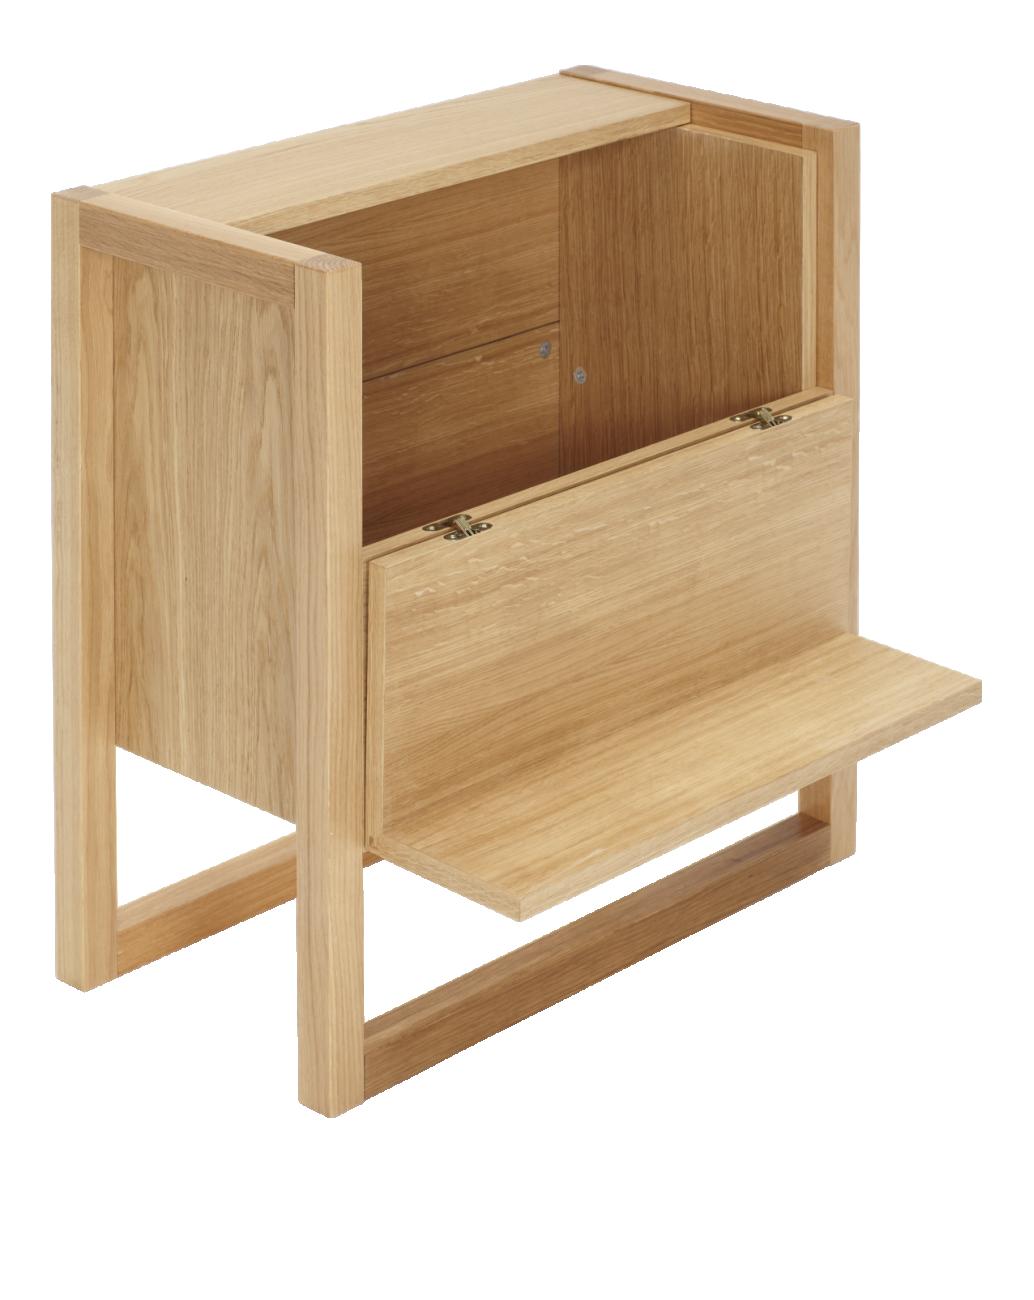 Habitat Atwood Mini Bar Avec Rangement Muebles Plegables Decoracion De Muebles Muebles Inteligentes